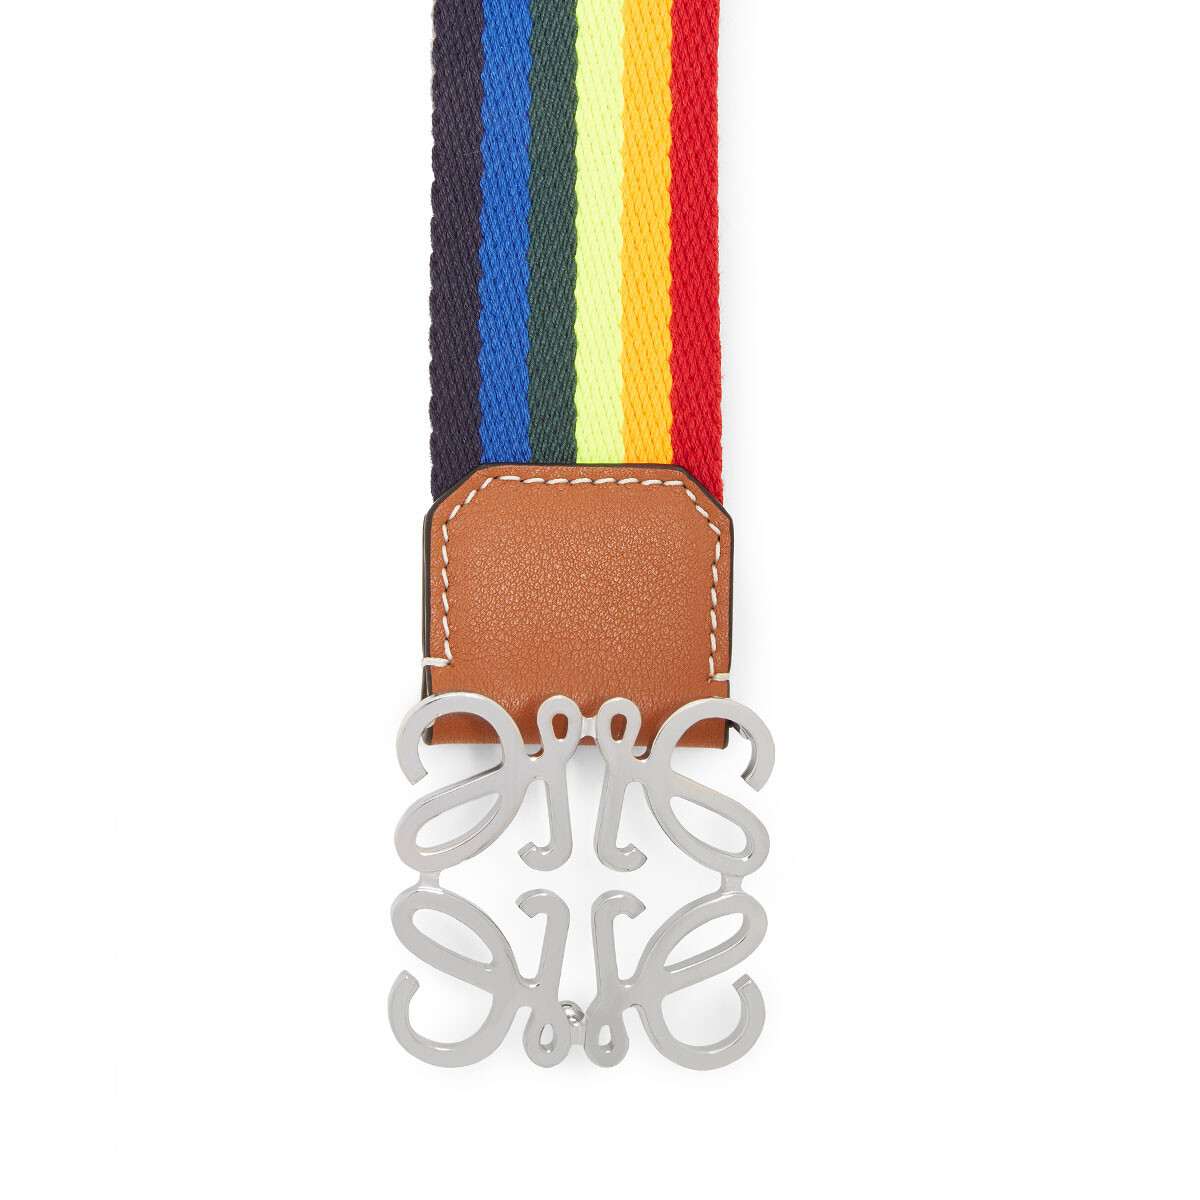 LOEWE Cinturon Anagrama Rainbow 4Cm Multicolor/Bronceado front